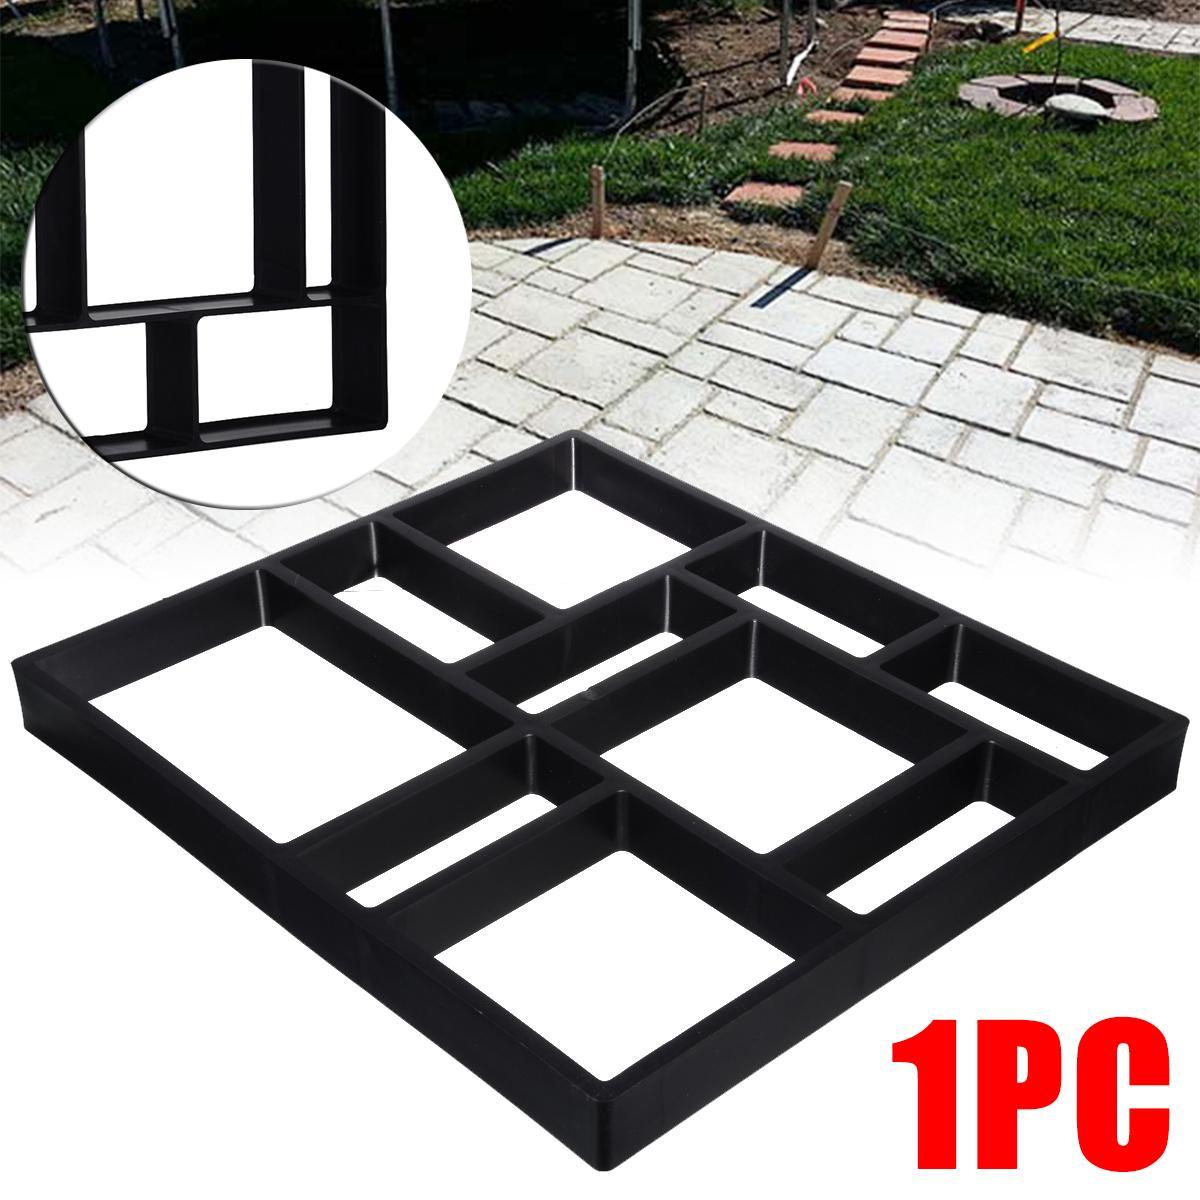 Jardin Mold Bricolage Chemin Maker Pavage Moule en pierre de ciment Brick Road Moisissures Moule en plastique pour les fournitures de construction Jardin